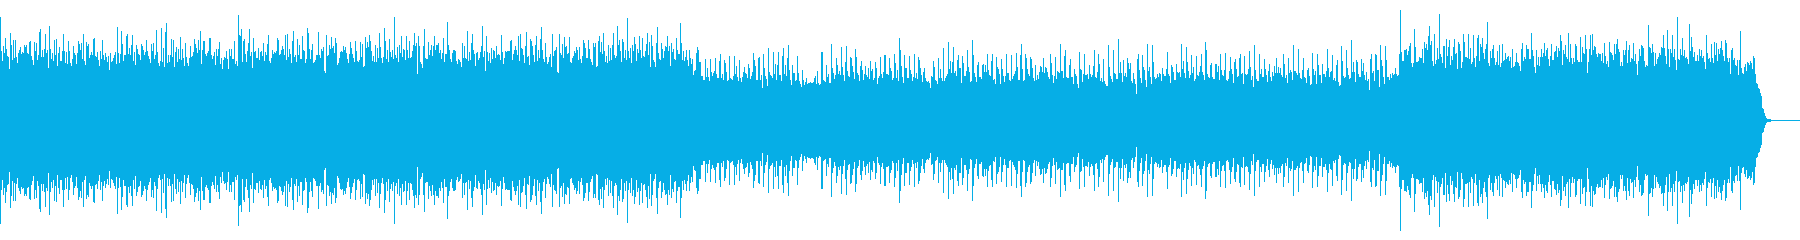 管弦楽組曲第一番 メヌエットの再生済みの波形